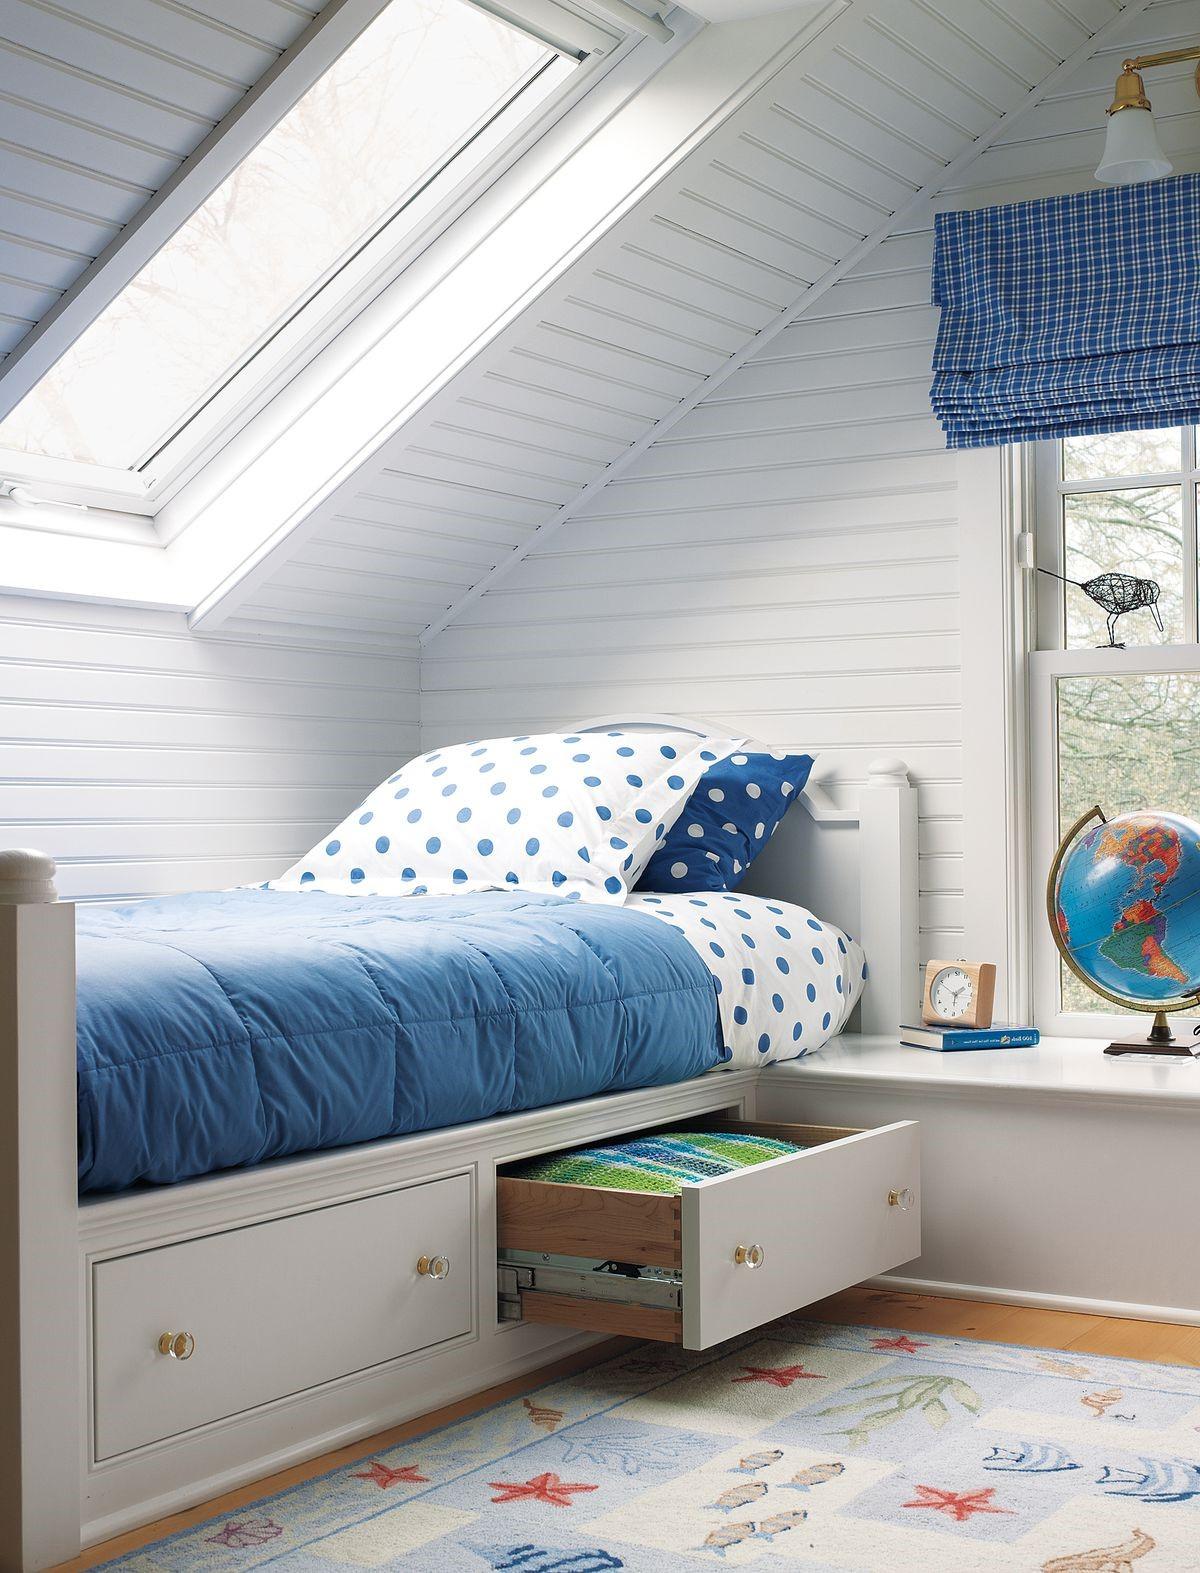 Chambre à coucher en bleu et blanc.